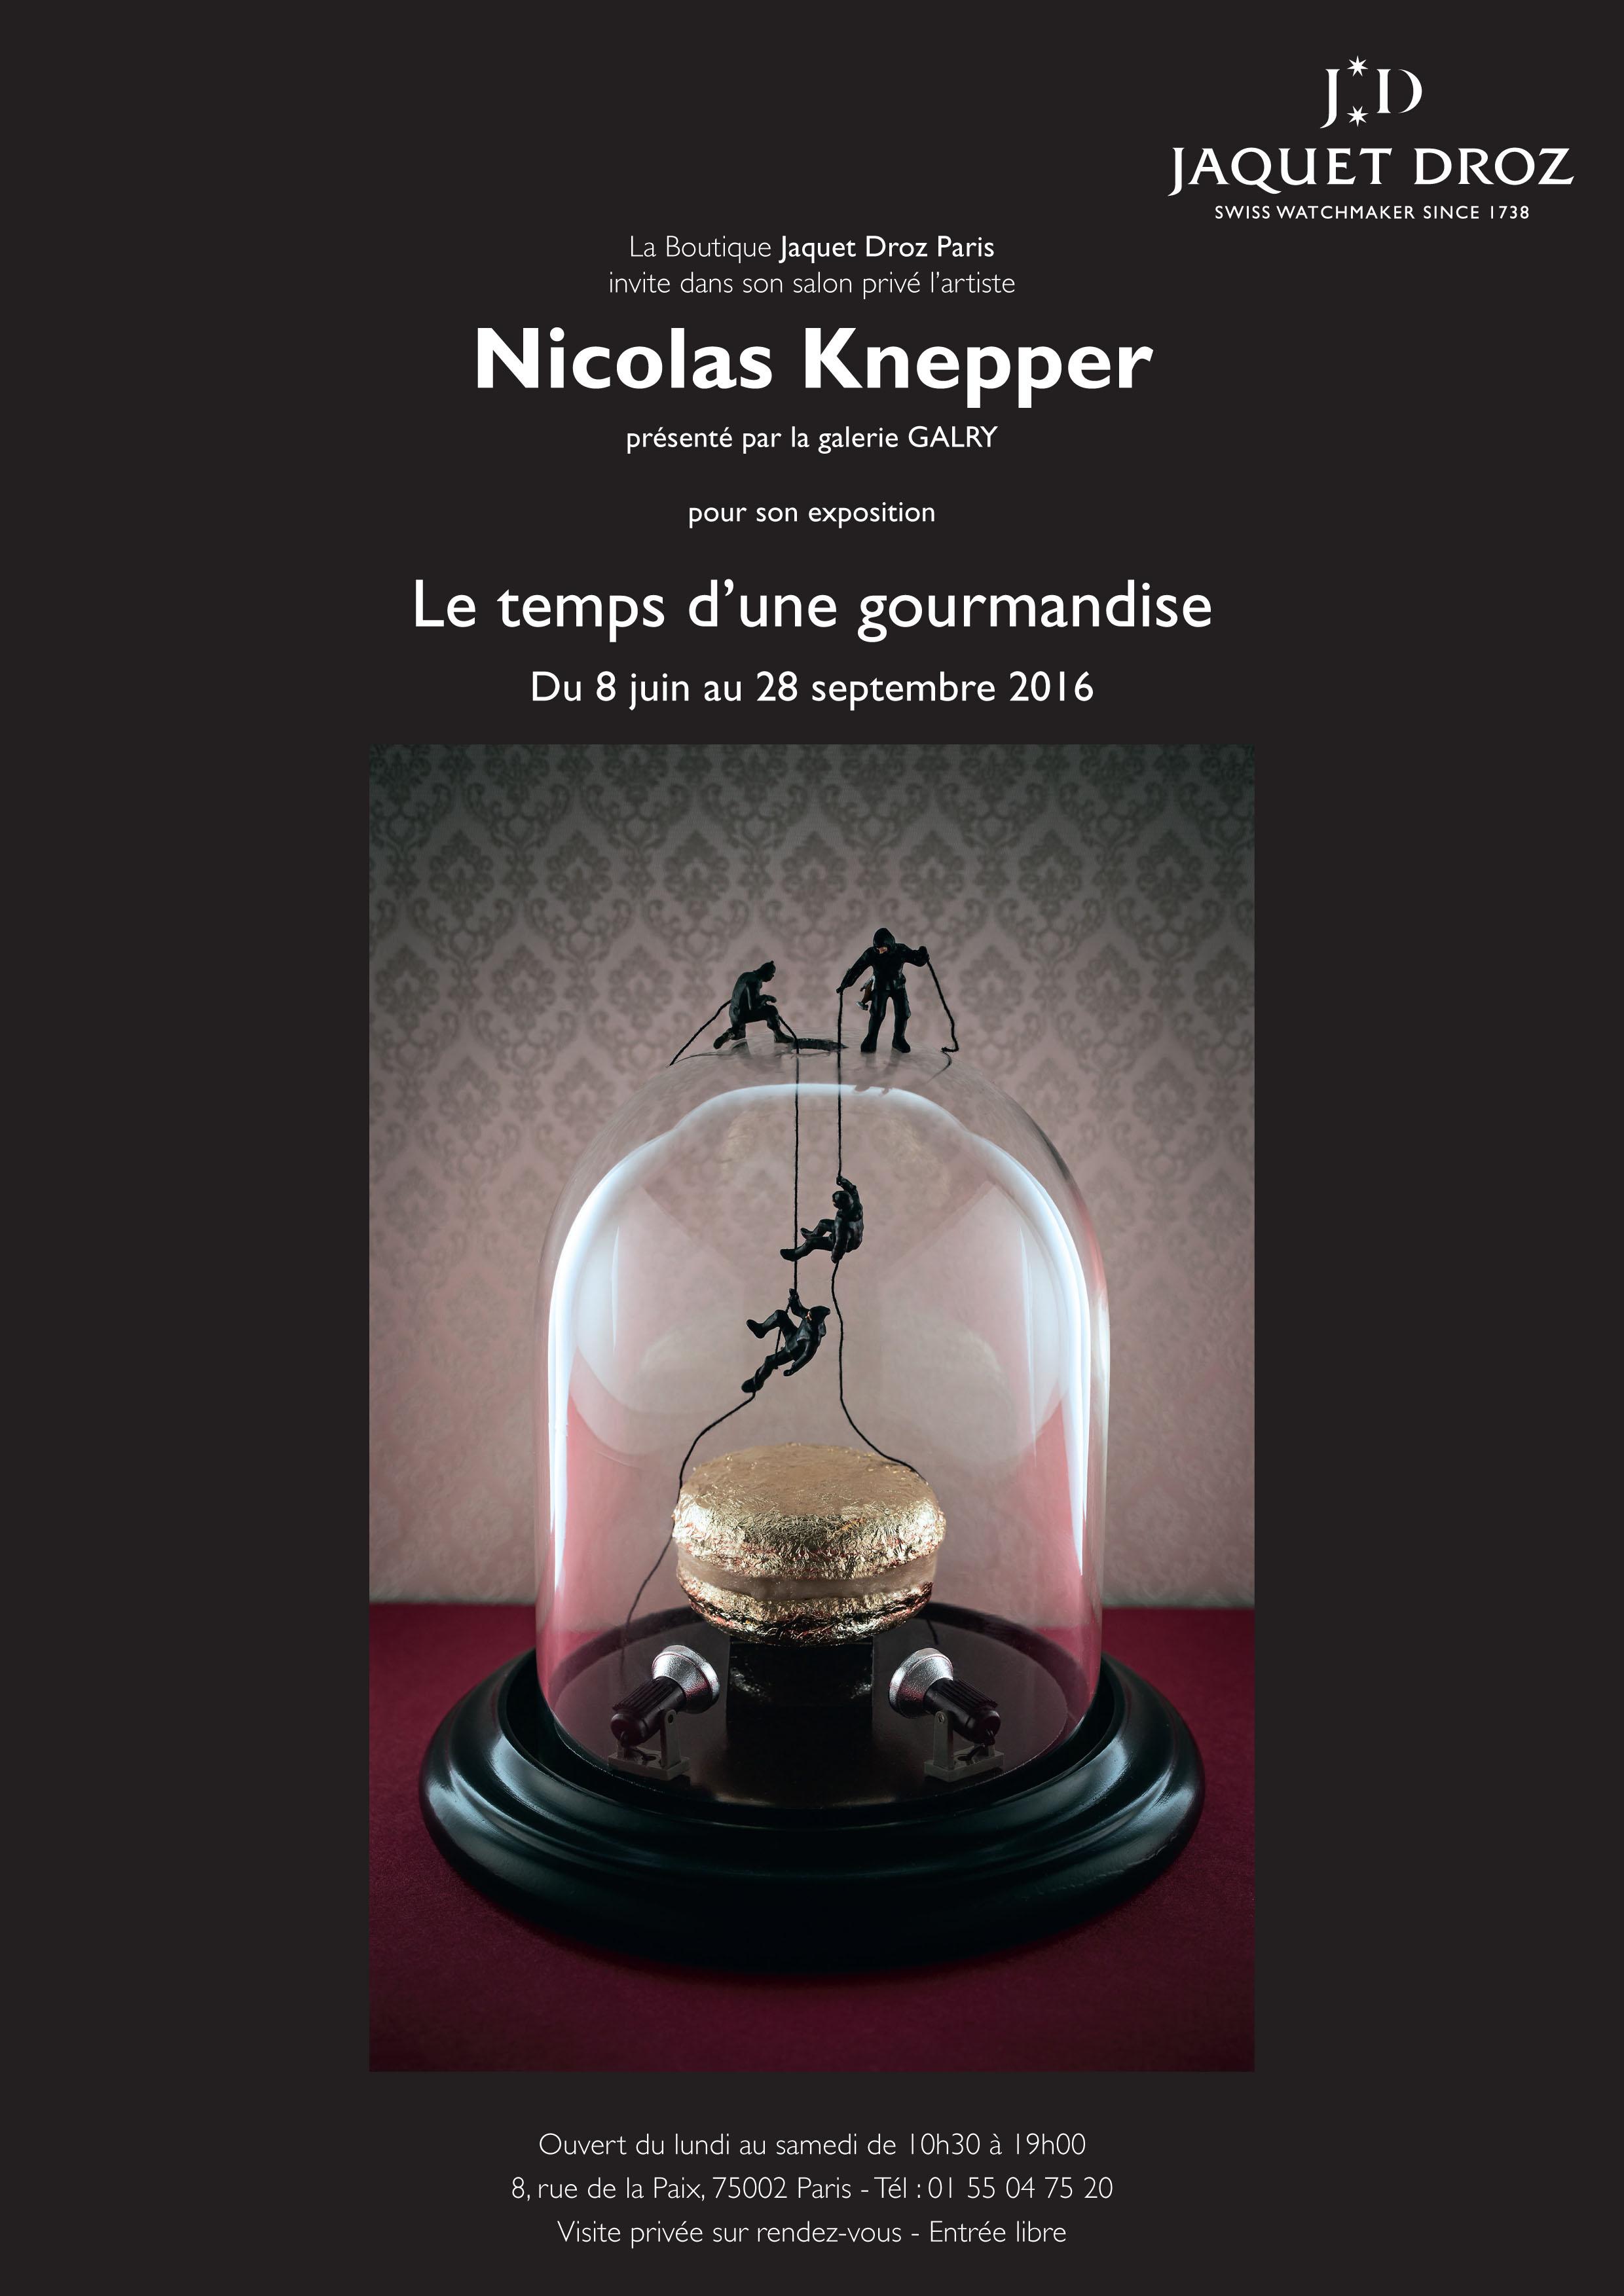 FLYER _JD EXHIBITION_Nicolas_Knepper_PARIS.indd